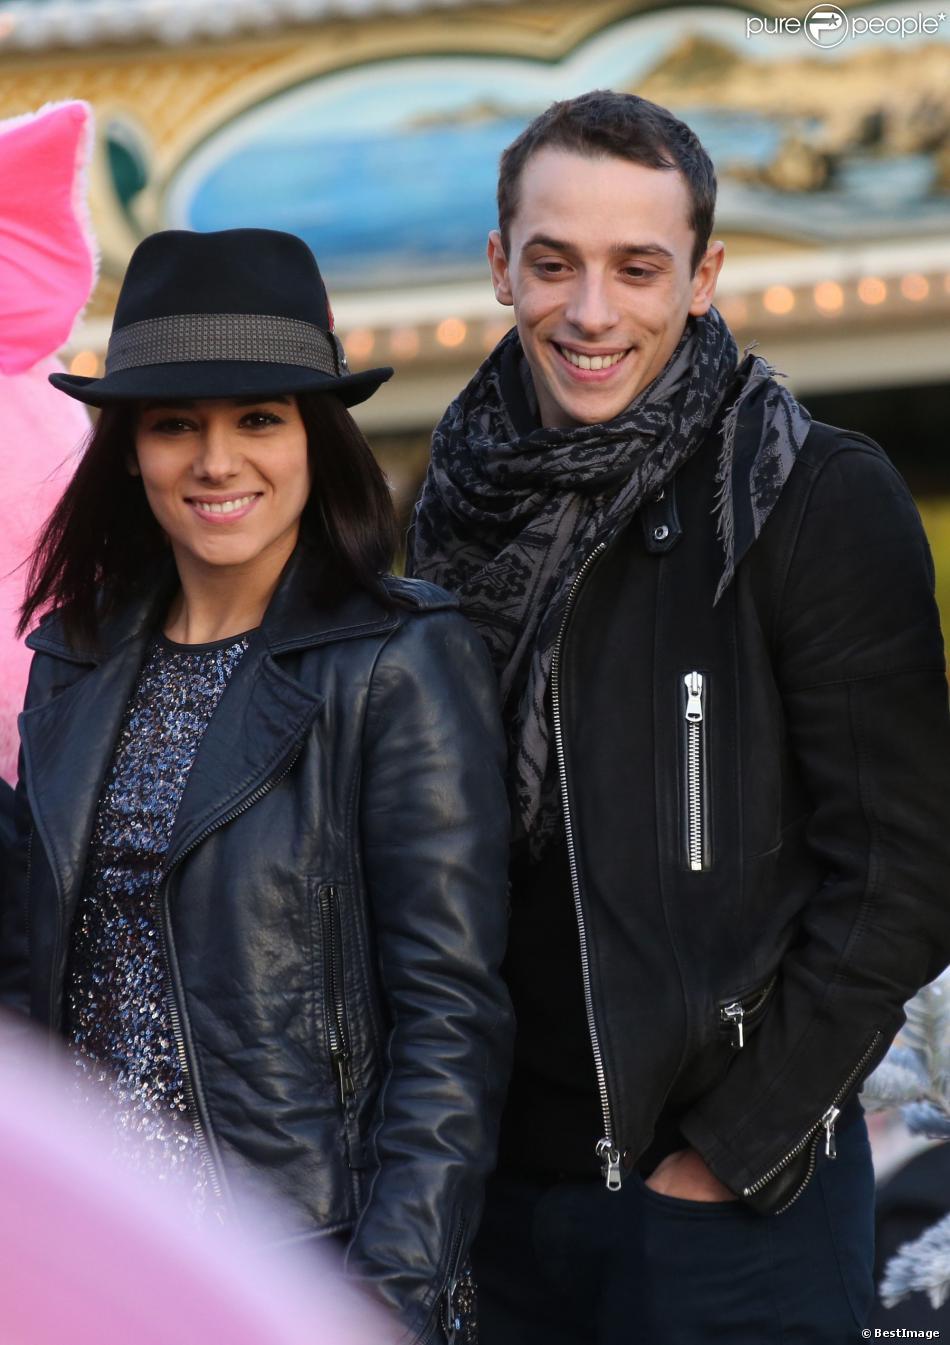 Exclusif - La jolie Alizée officialise sa relation avec son compagnon le danseur Gregoire Lyonnet lors du coup d'envoi des illuminations de Noël à Ajaccio le 7 decembre 2013 en presence de son papa, de sa fille Annily et du maire d'Ajaccio Simon Renucci.